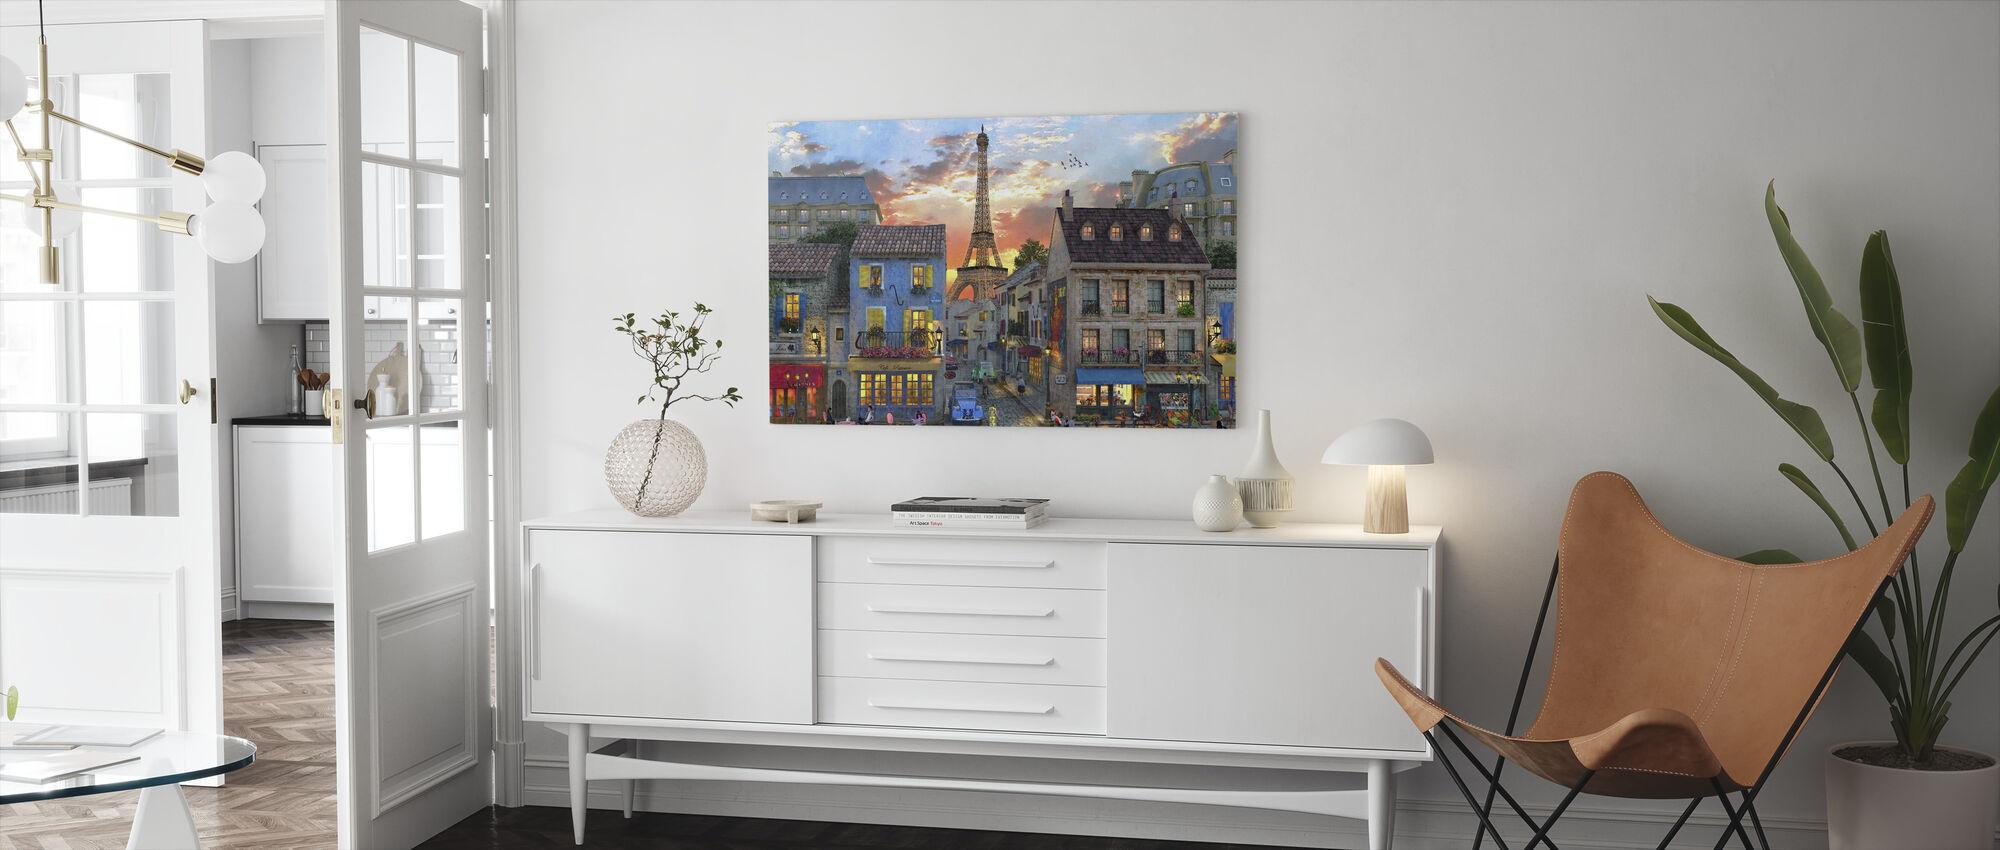 Pariisin kadut - Canvastaulu - Olohuone